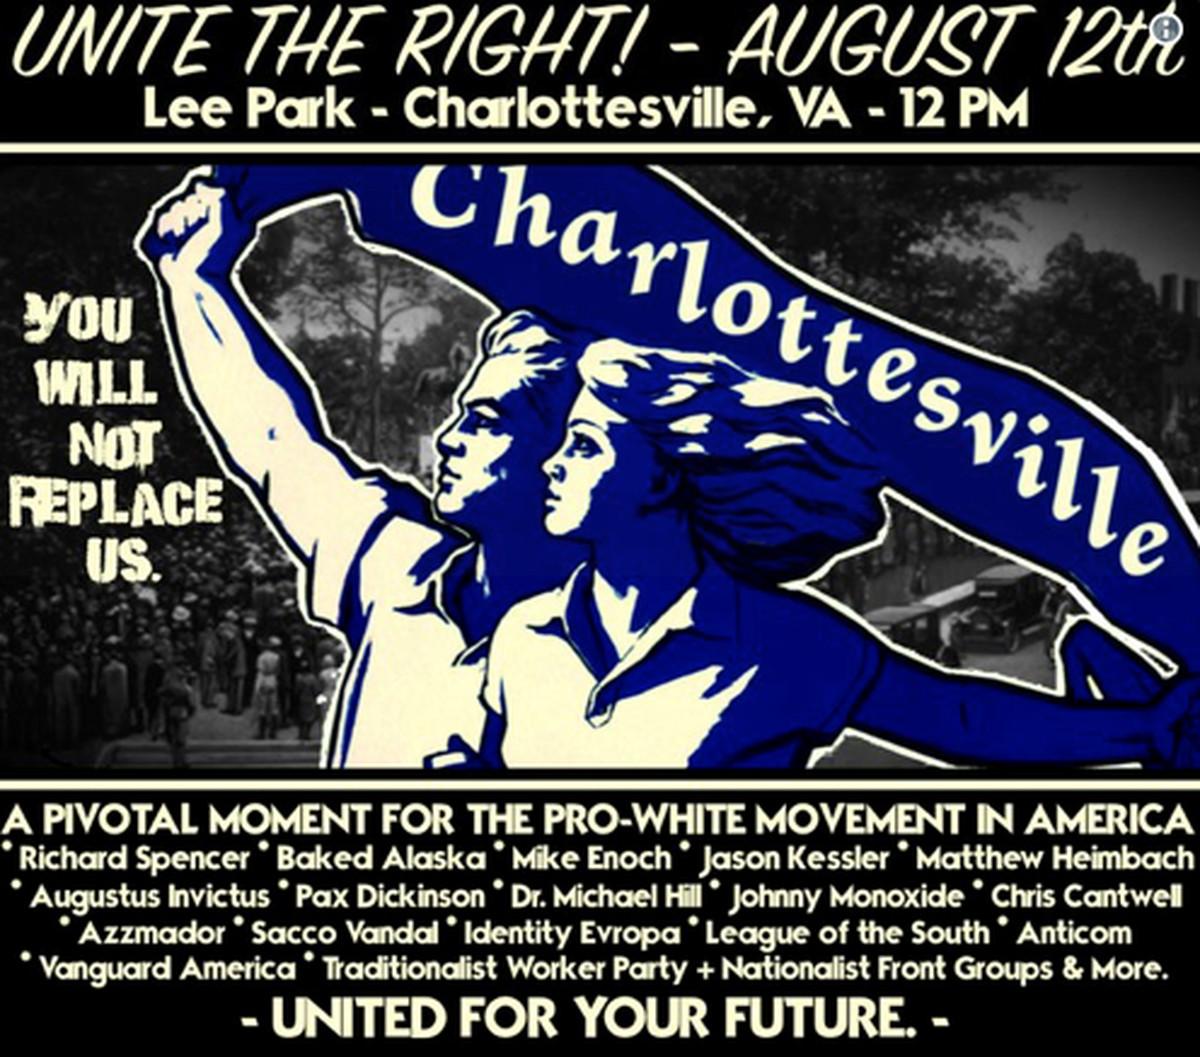 Unite the Right 2017 poster